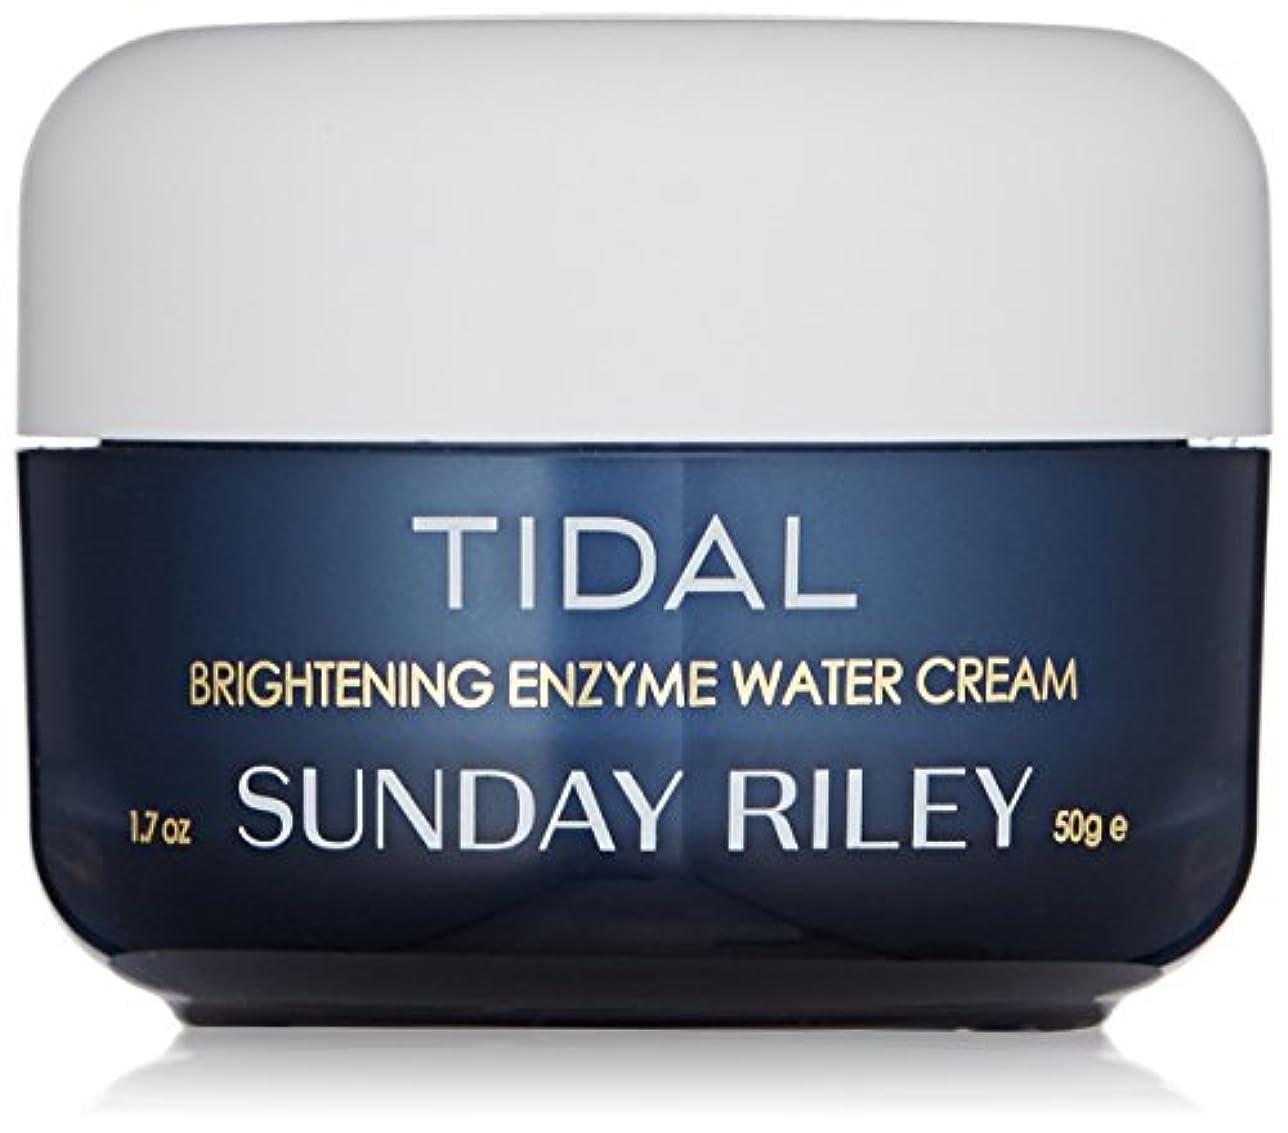 カロリーピンチ生産性SUNDAY RILEY Tidal Brightening Enzyme Water Cream 50g サンデーライリー タイダルブライトニング酵素クリーム